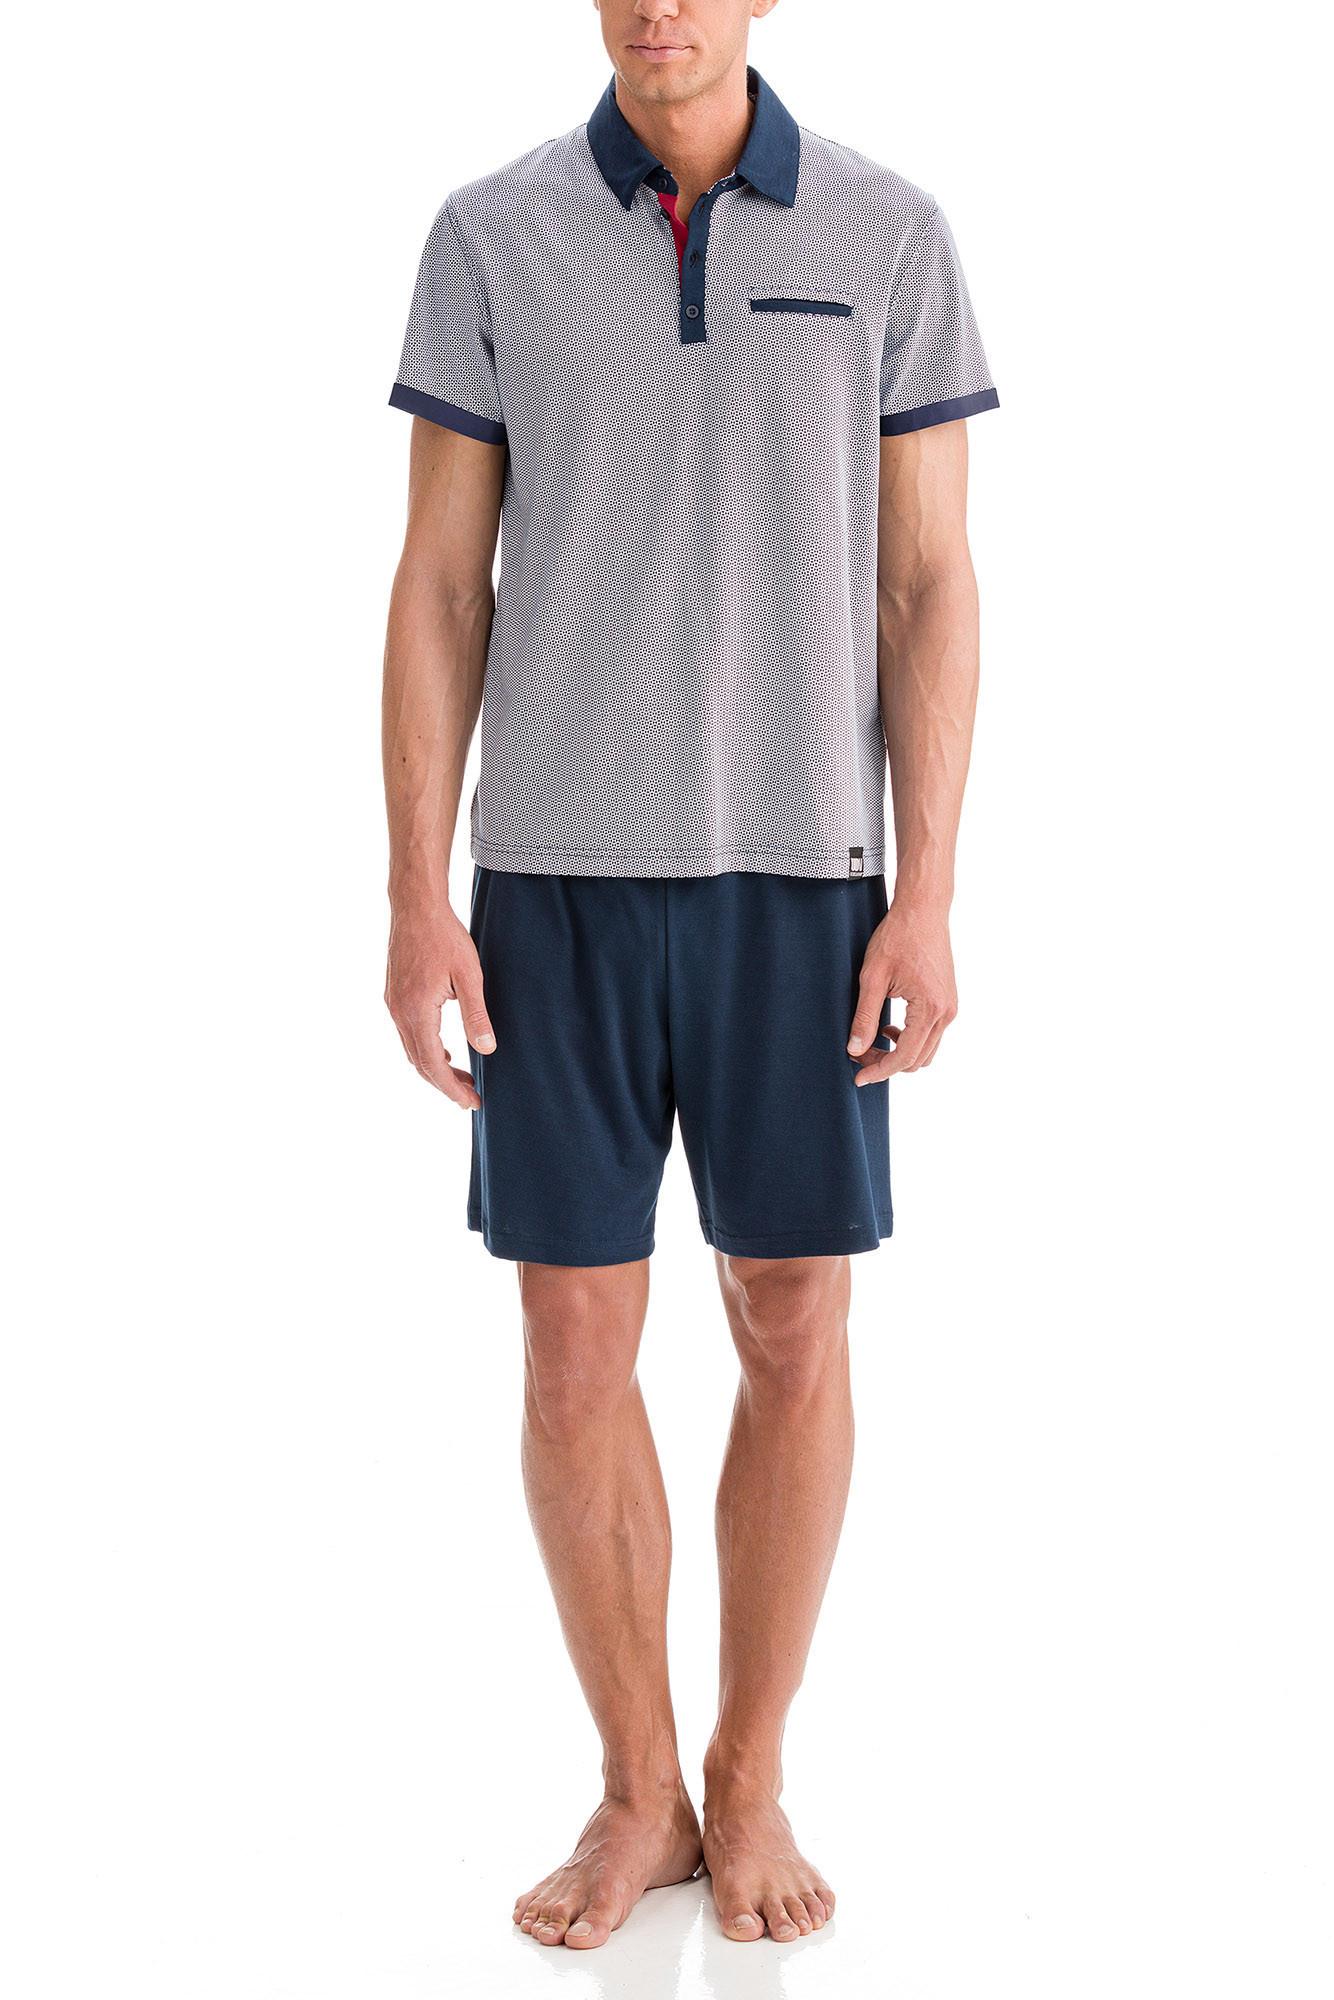 Vamp - Pánske pyžamo 12616 - Vamp blue oxford m